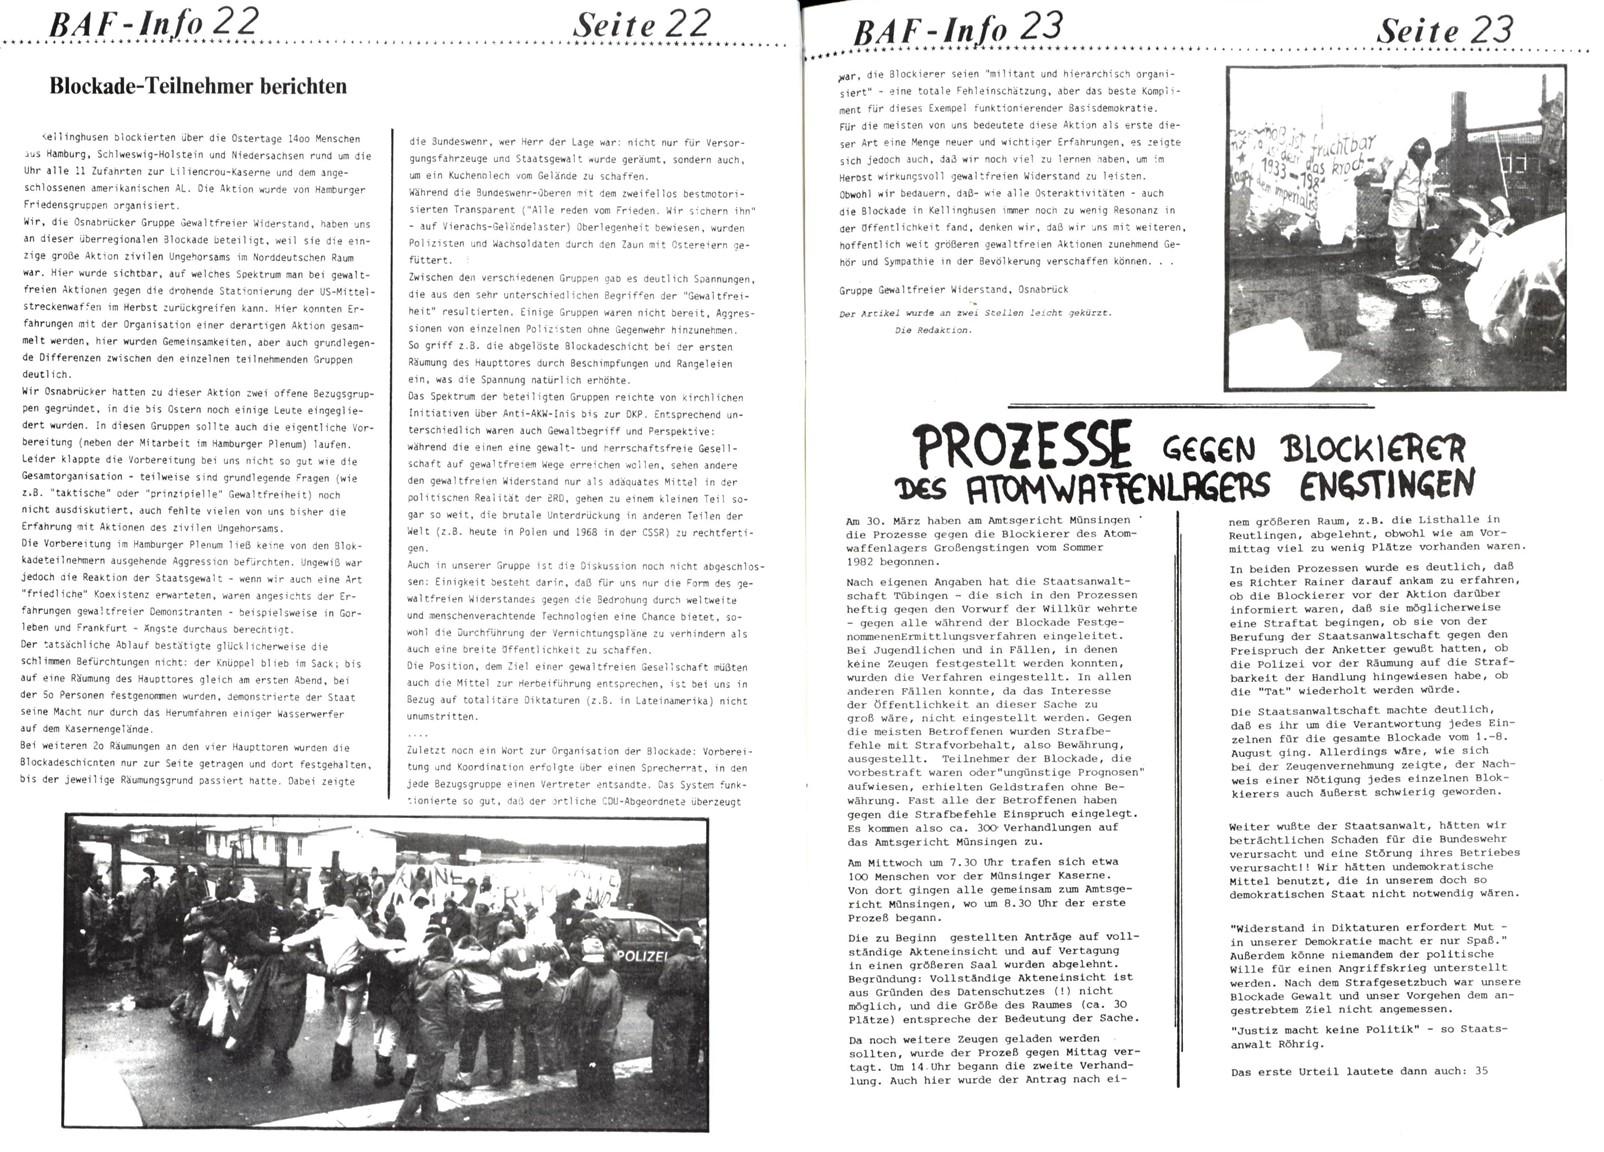 BAF_Info_03_19830600_12